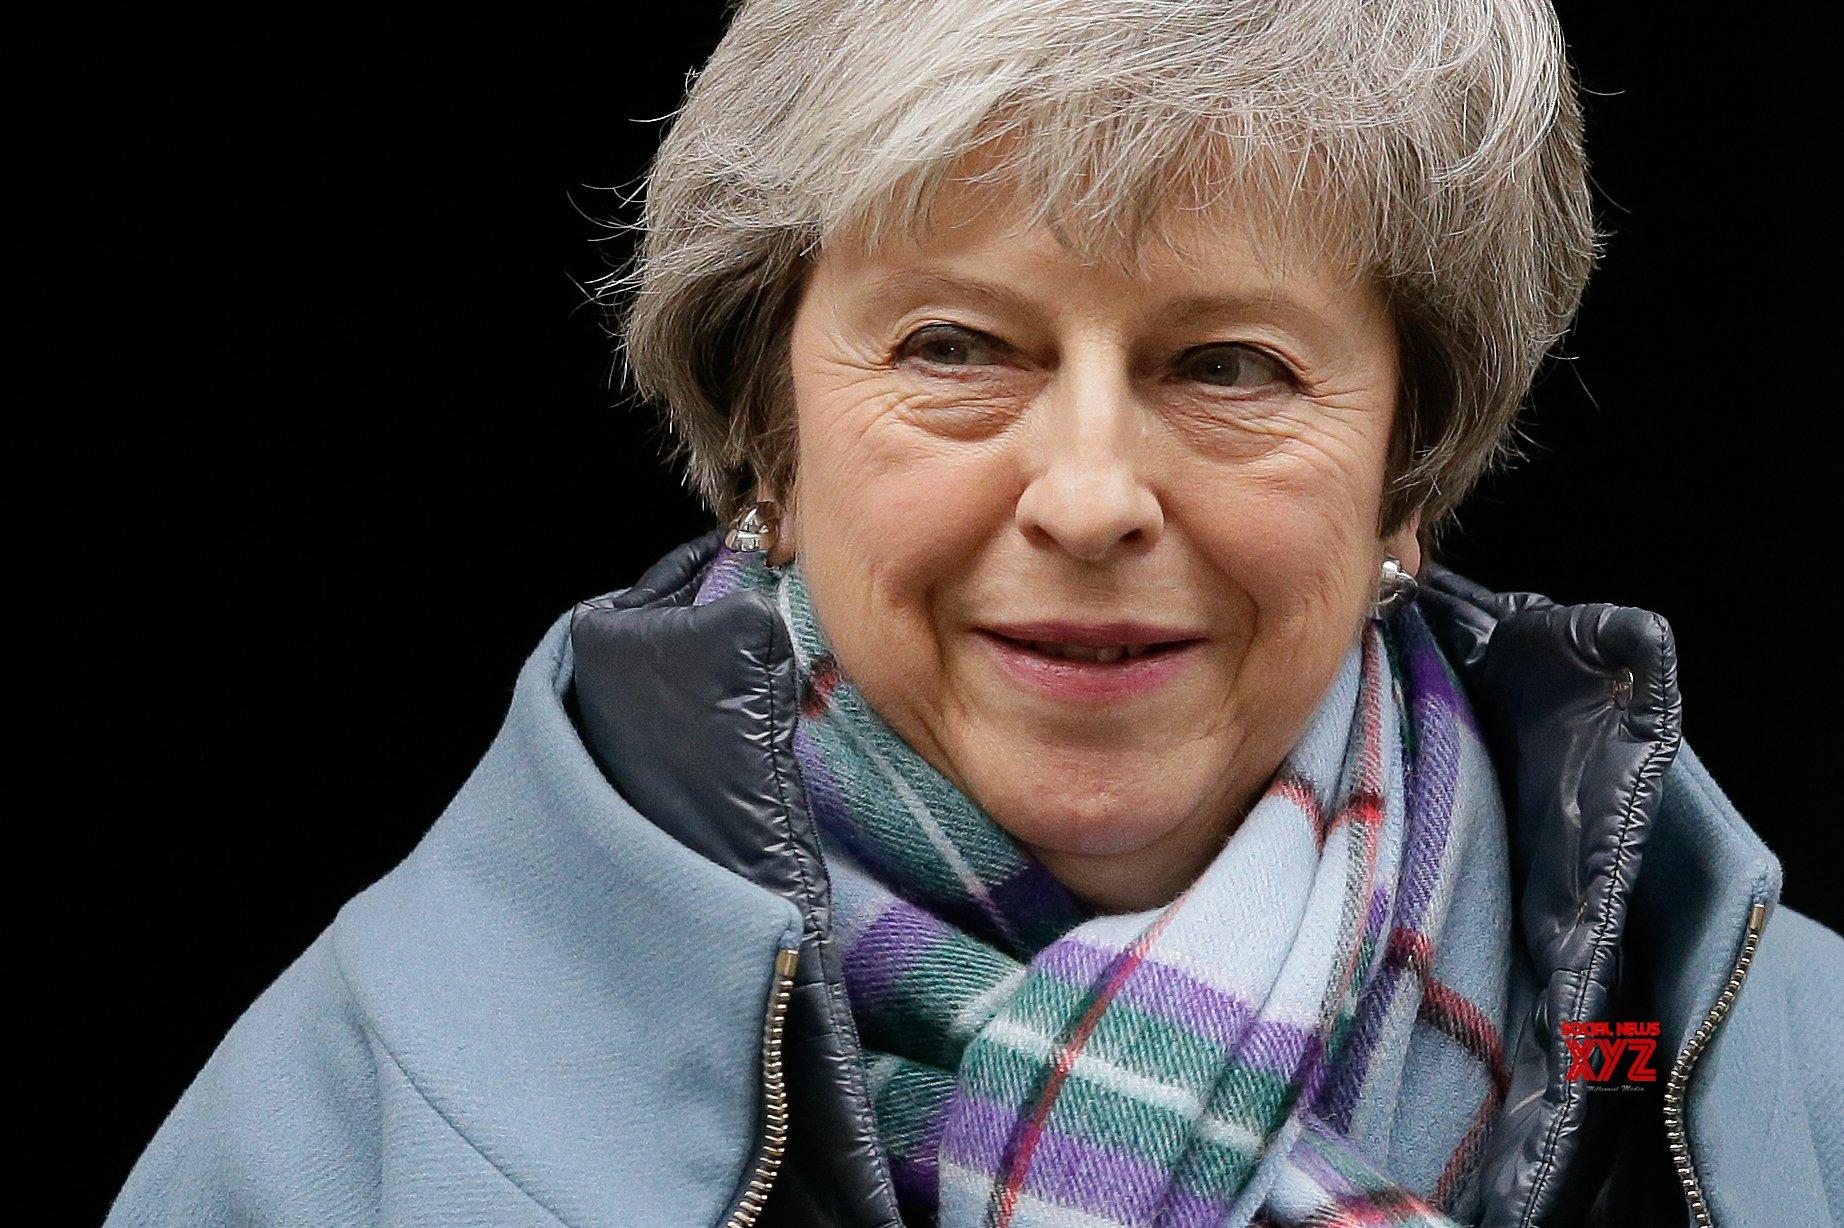 Last-ditch bid to avert no-deal Brexit